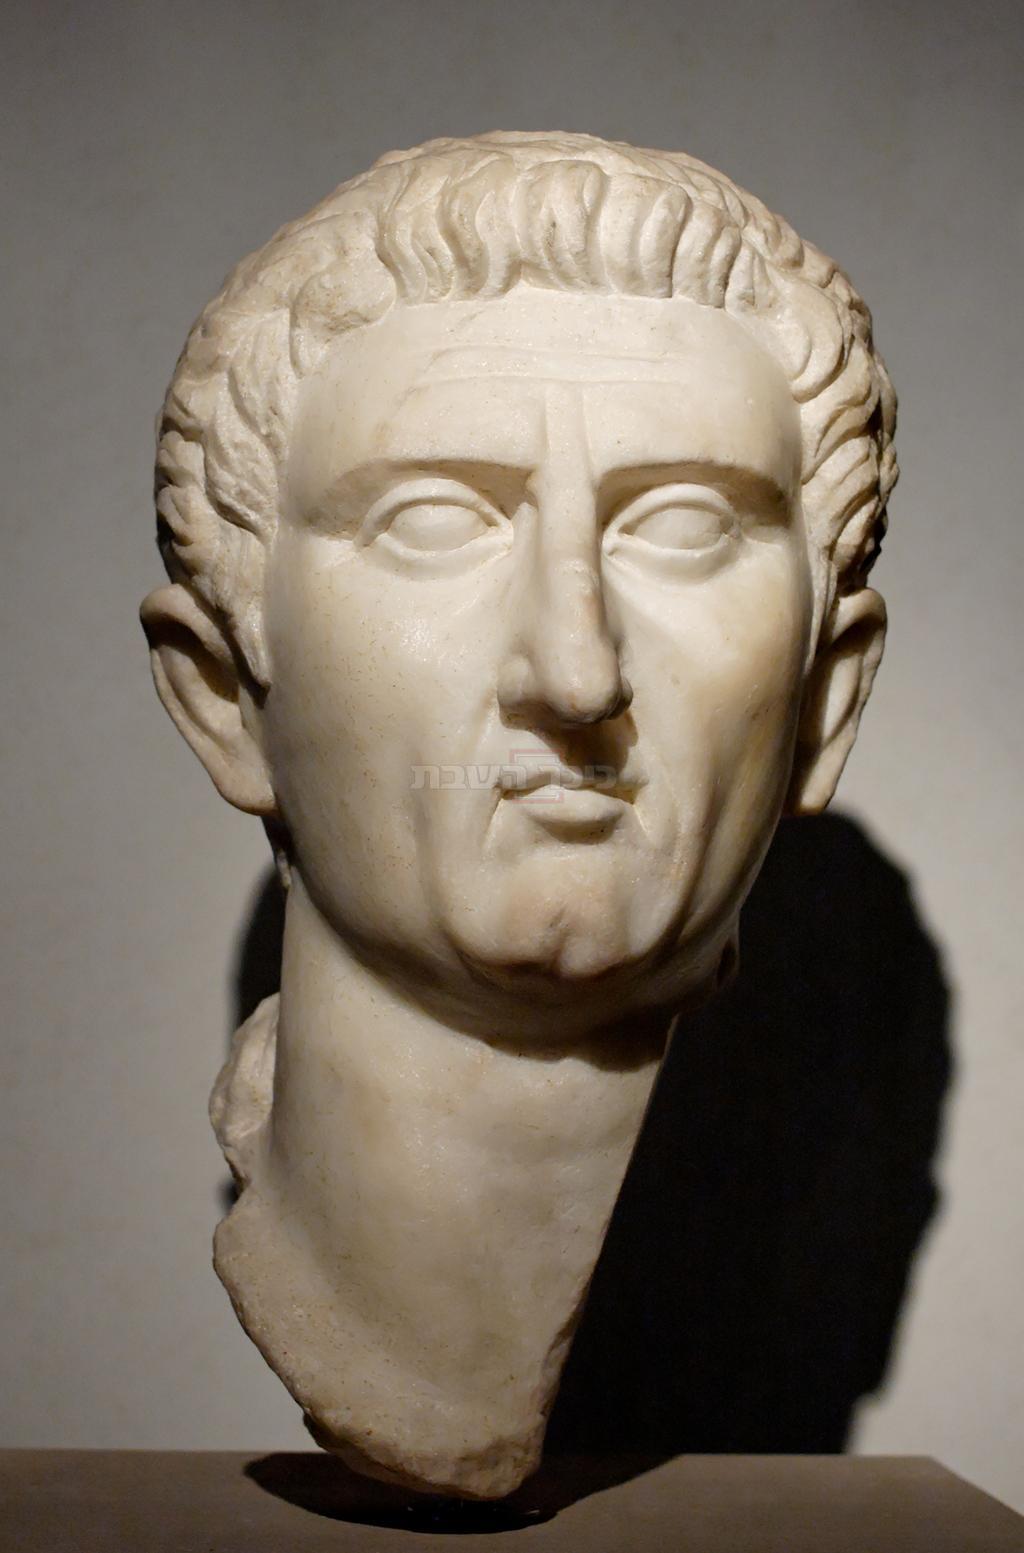 הקיסר הרומאי מַרְקוּס קוֹקֶיוּס נֶרְוָוה שפגש בחז''ל ונענה לבקשתם להקל את המיסים (מתוך ויקיפדיה, מוצג במוזיאון הלאומי של רומא)